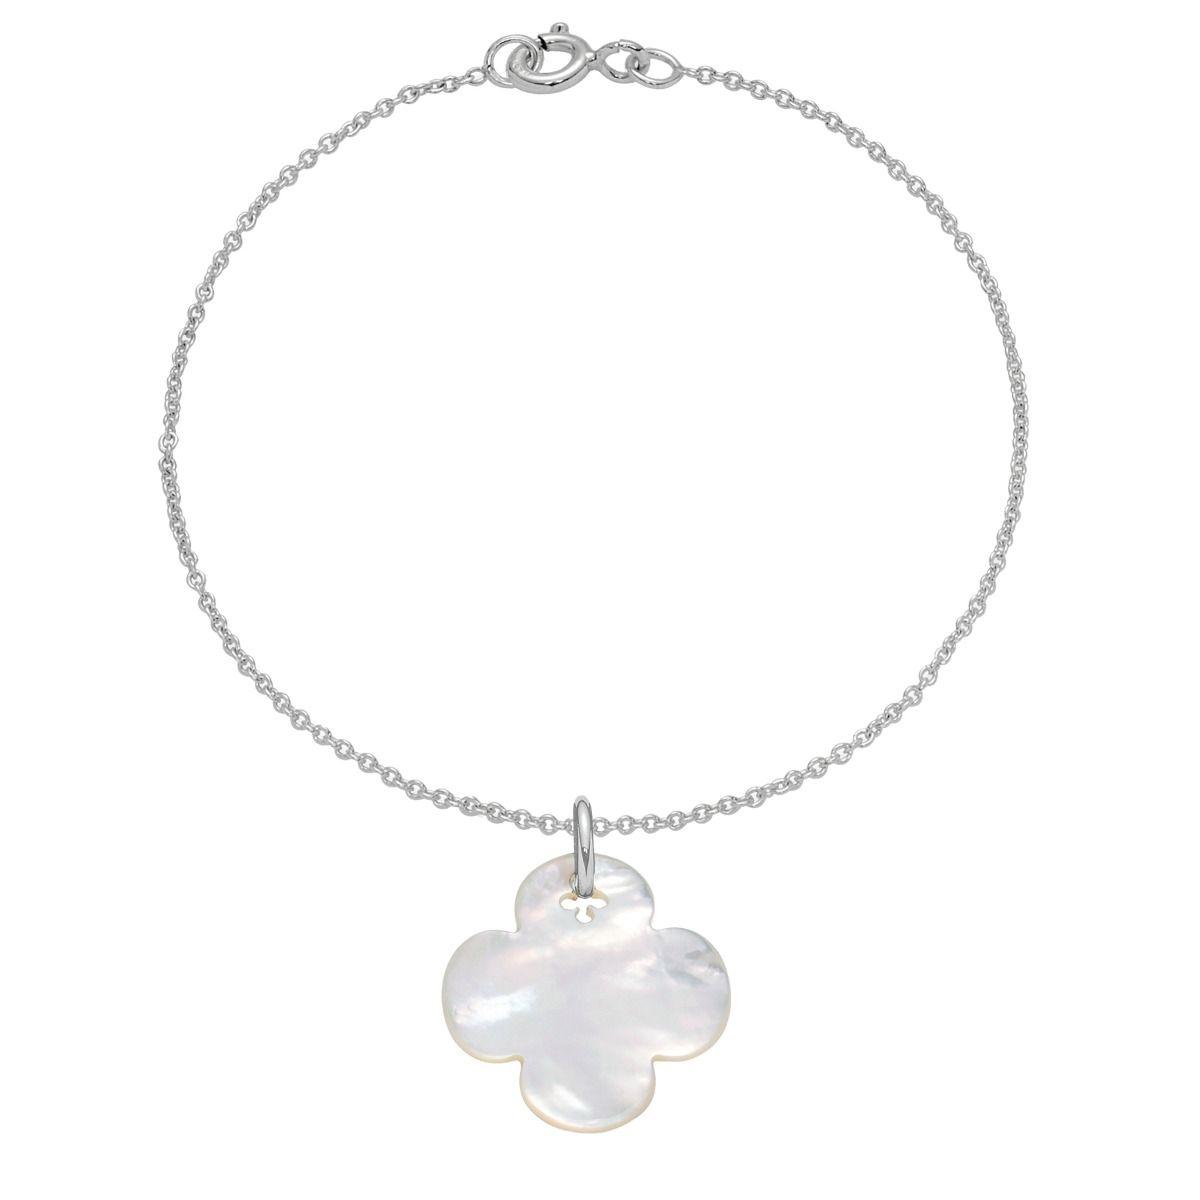 Bransoletka z okrągłą koniczynką z masy perłowej na cienkim klasycznym łańcuszku